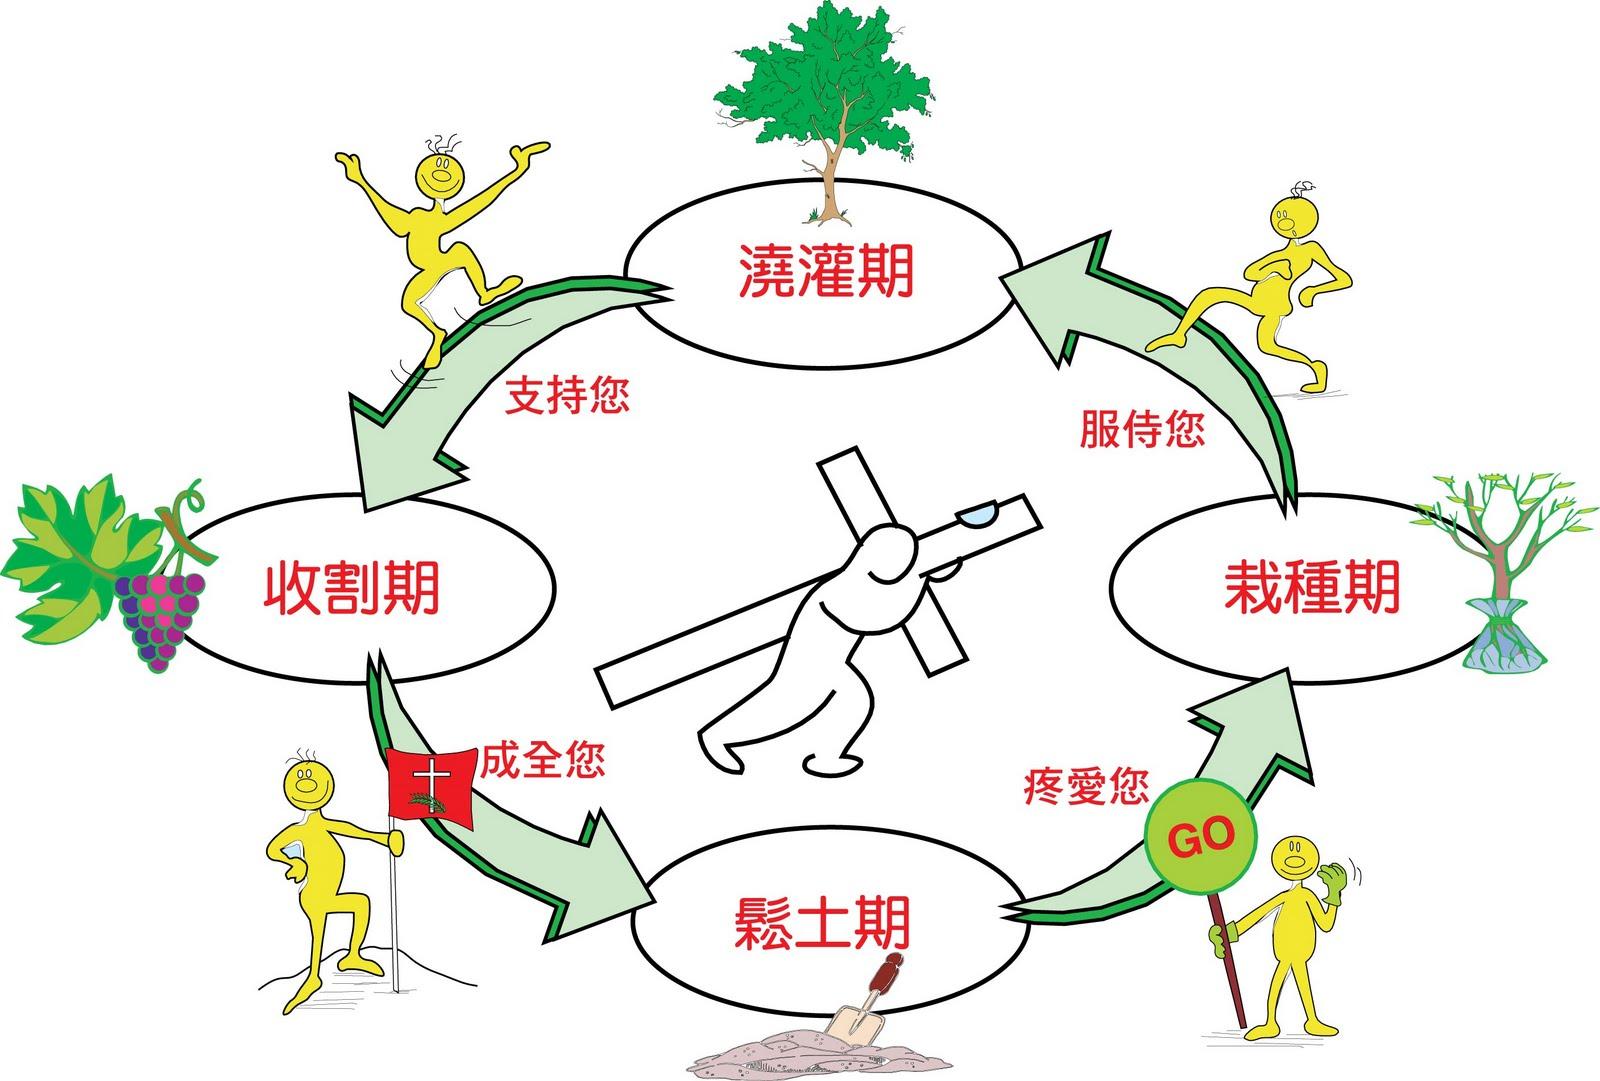 喜樂操Joy Dance: 喜樂操的福音策略